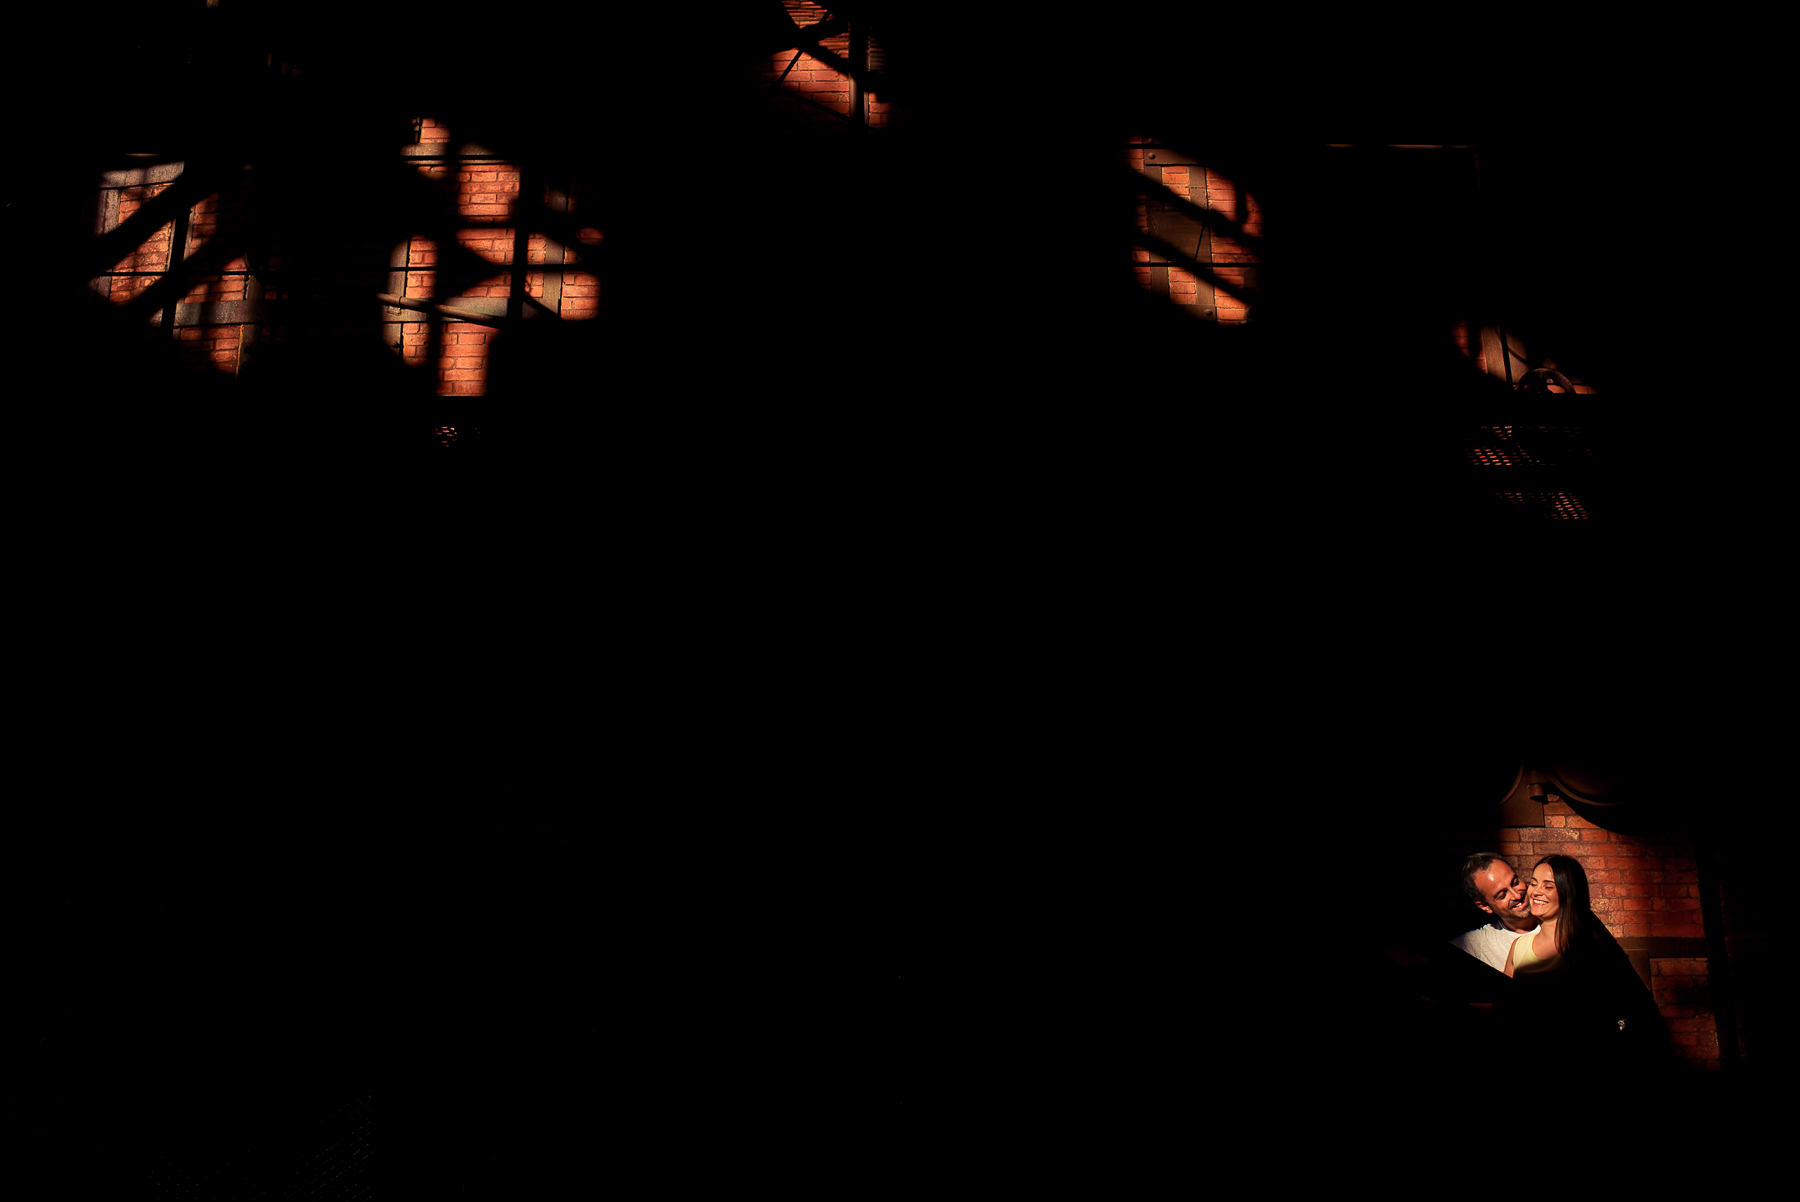 Boda en ponferrada dani davila fot grafo - Moncho fotografo ...